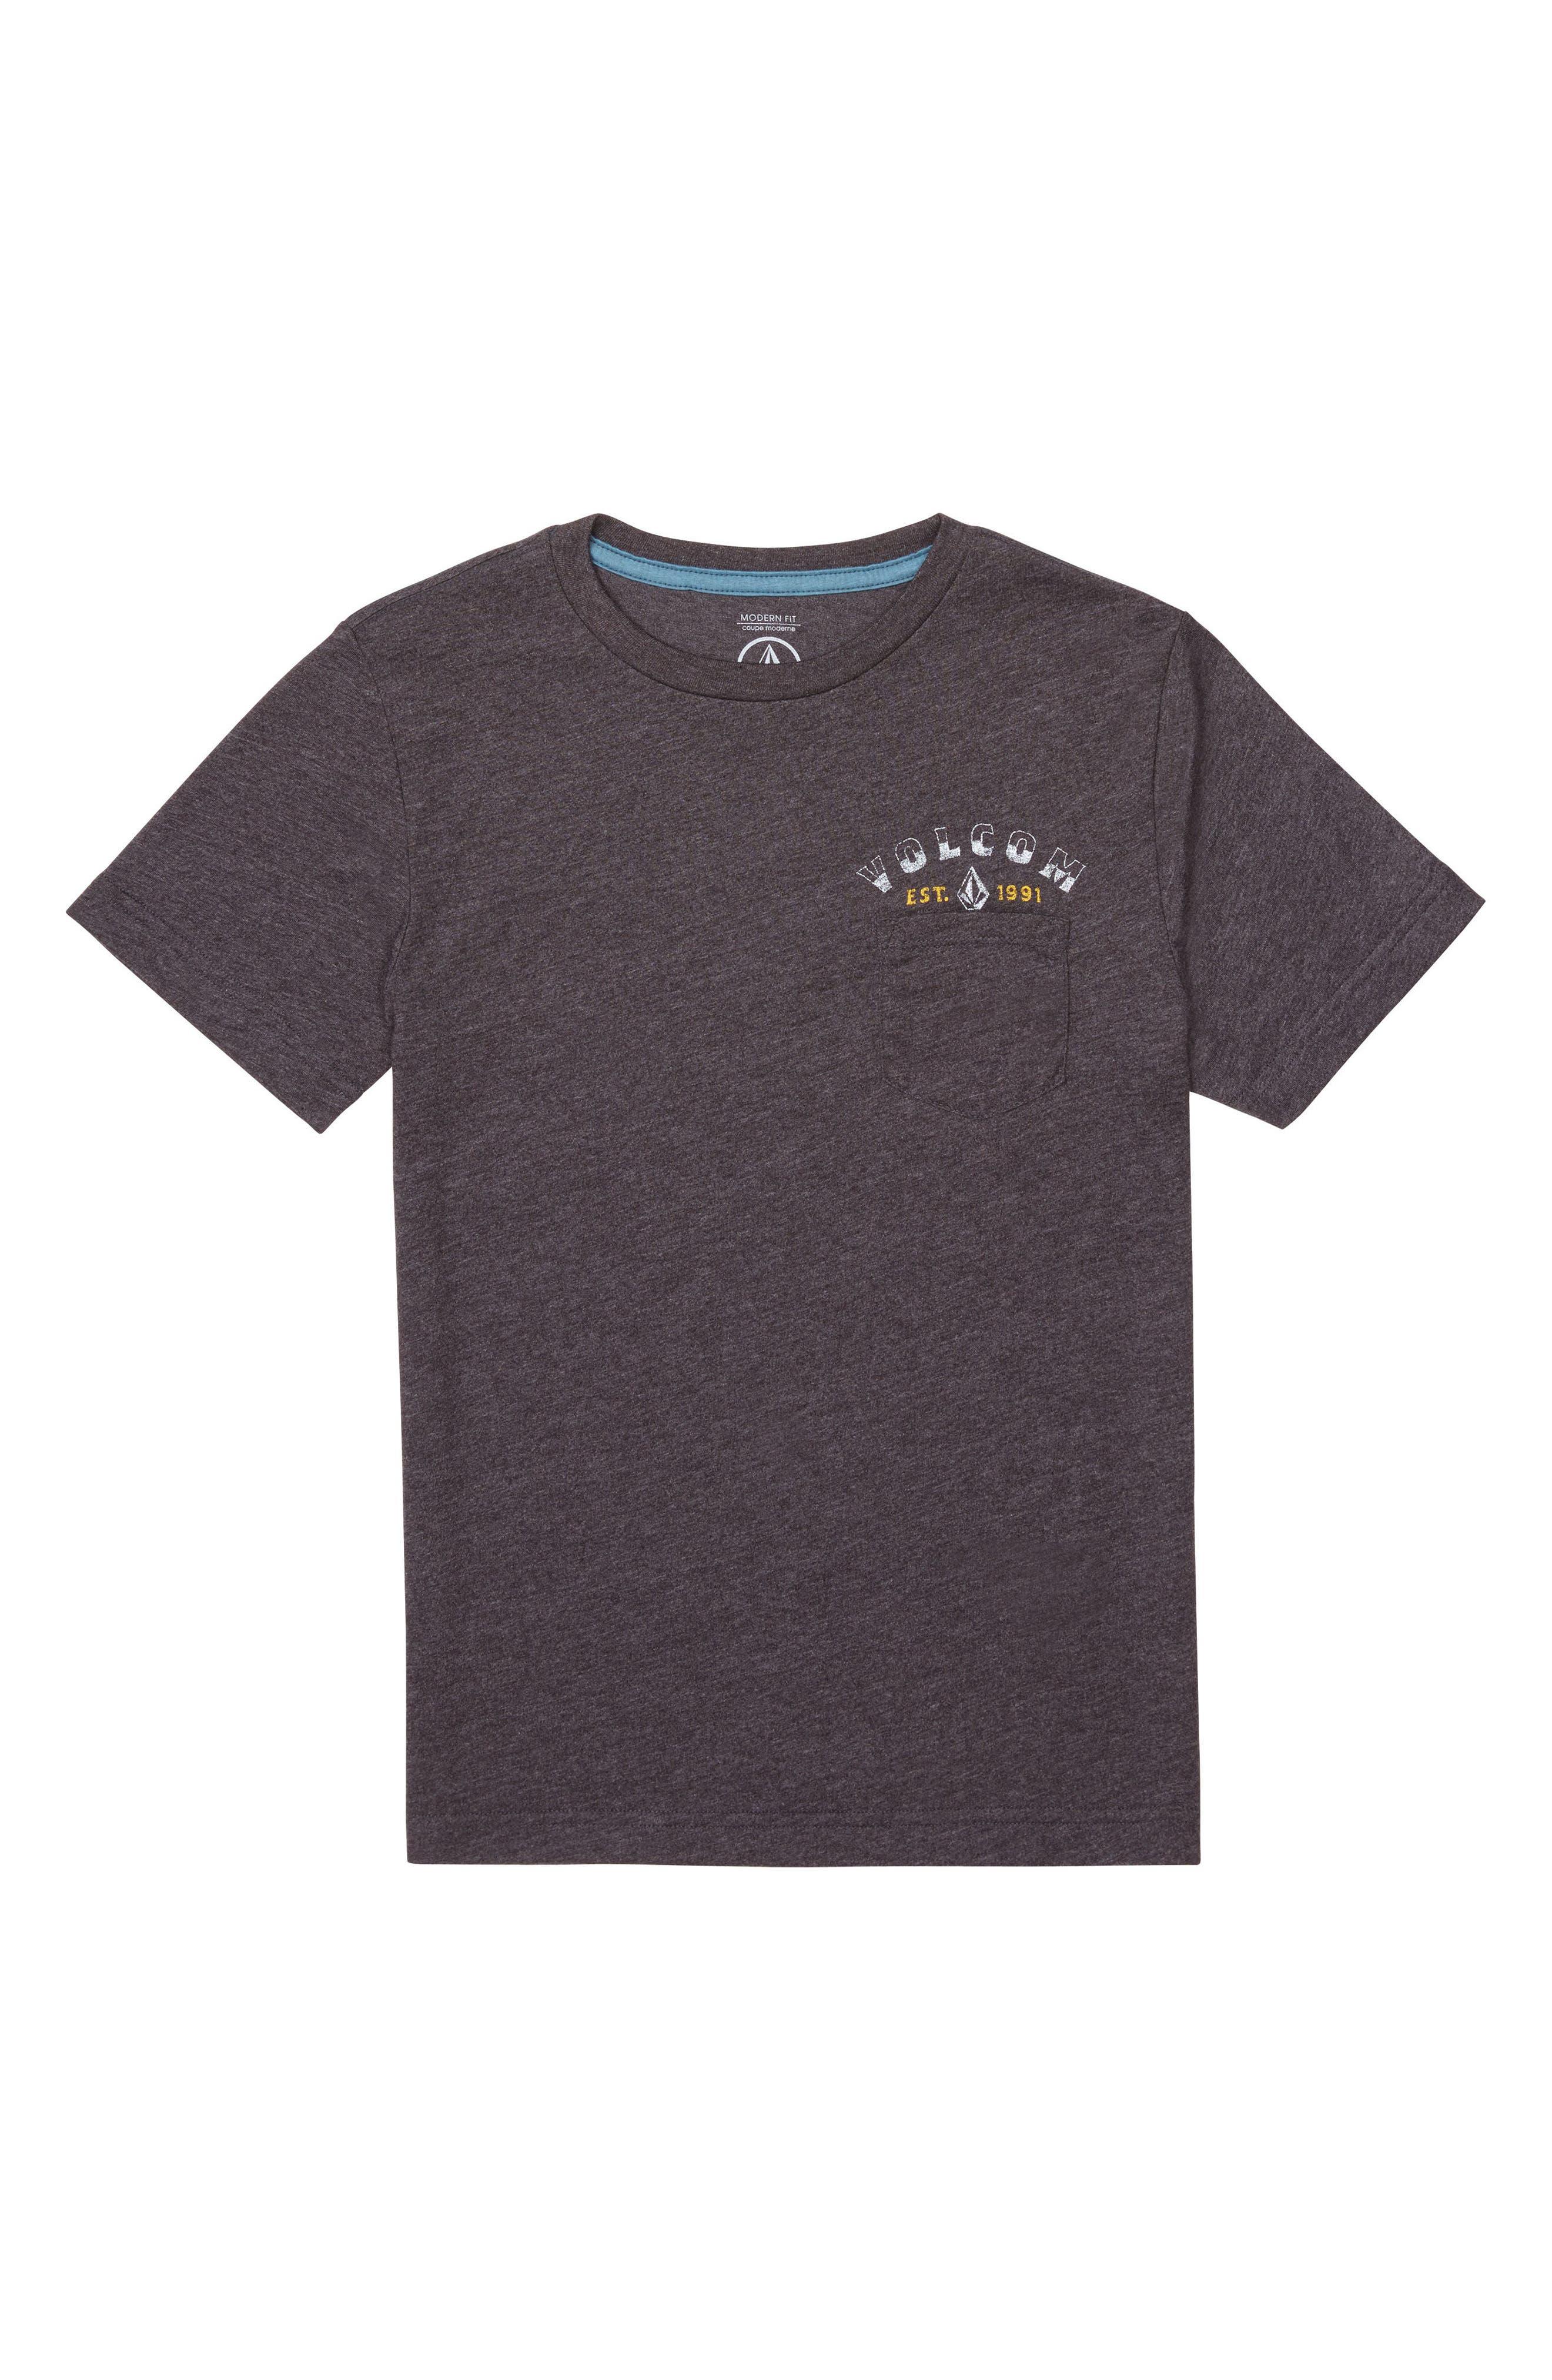 Signer Pocket T-Shirt,                             Main thumbnail 1, color,                             001